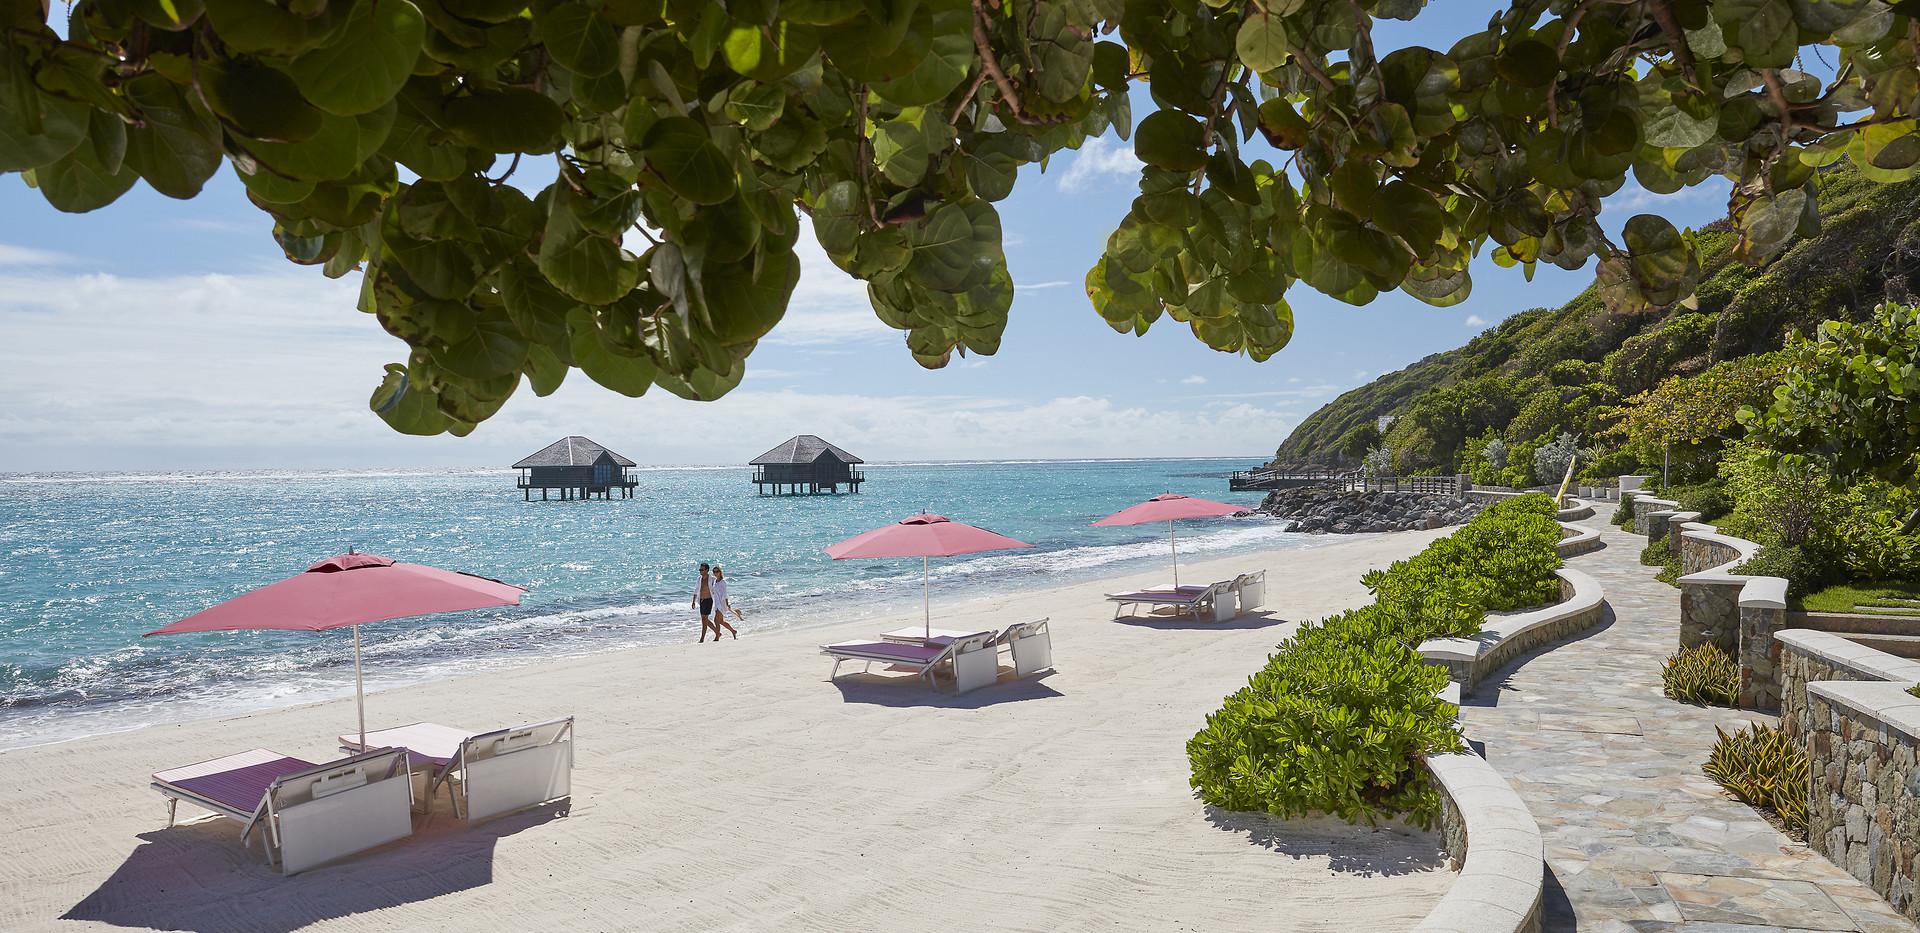 canouan-hotel-godahl-beach-01.jpg